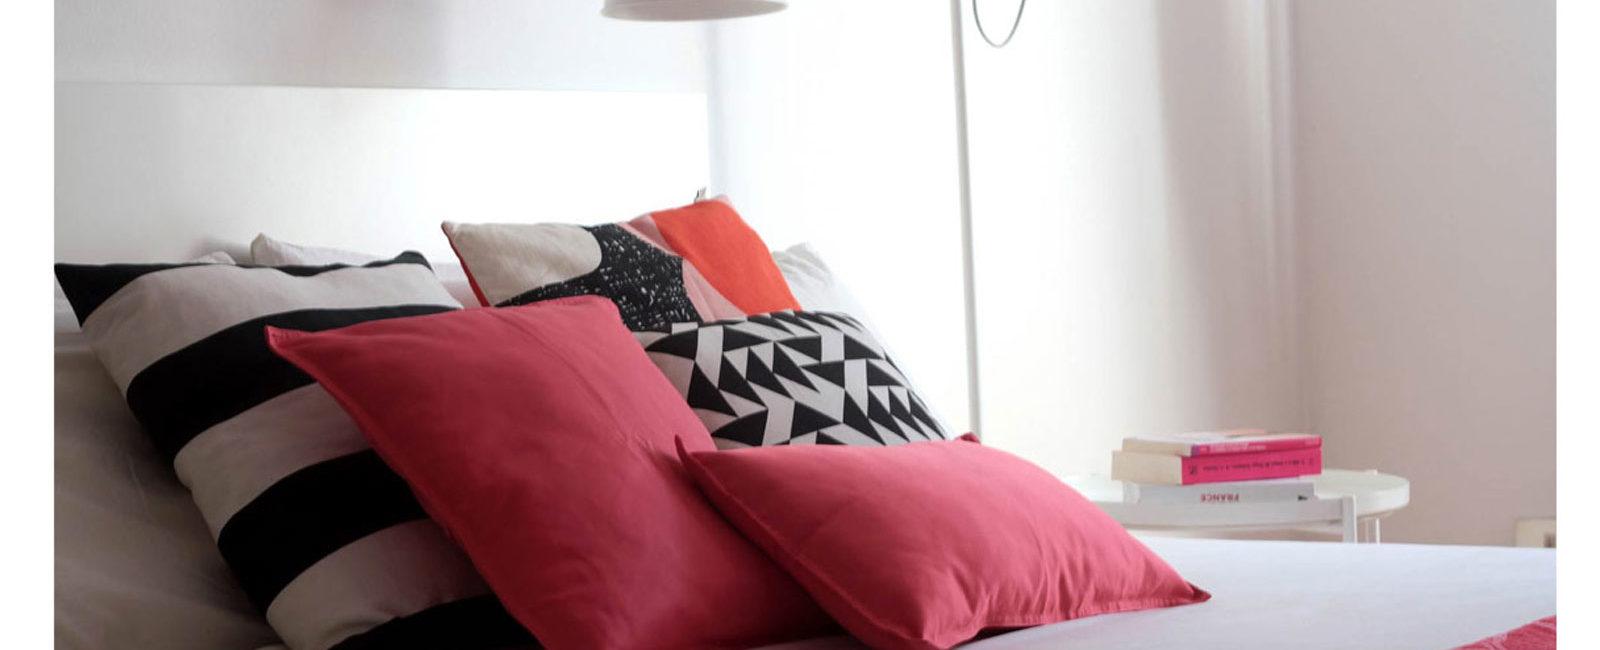 Cómo decorar tu casa con el color Living Coral